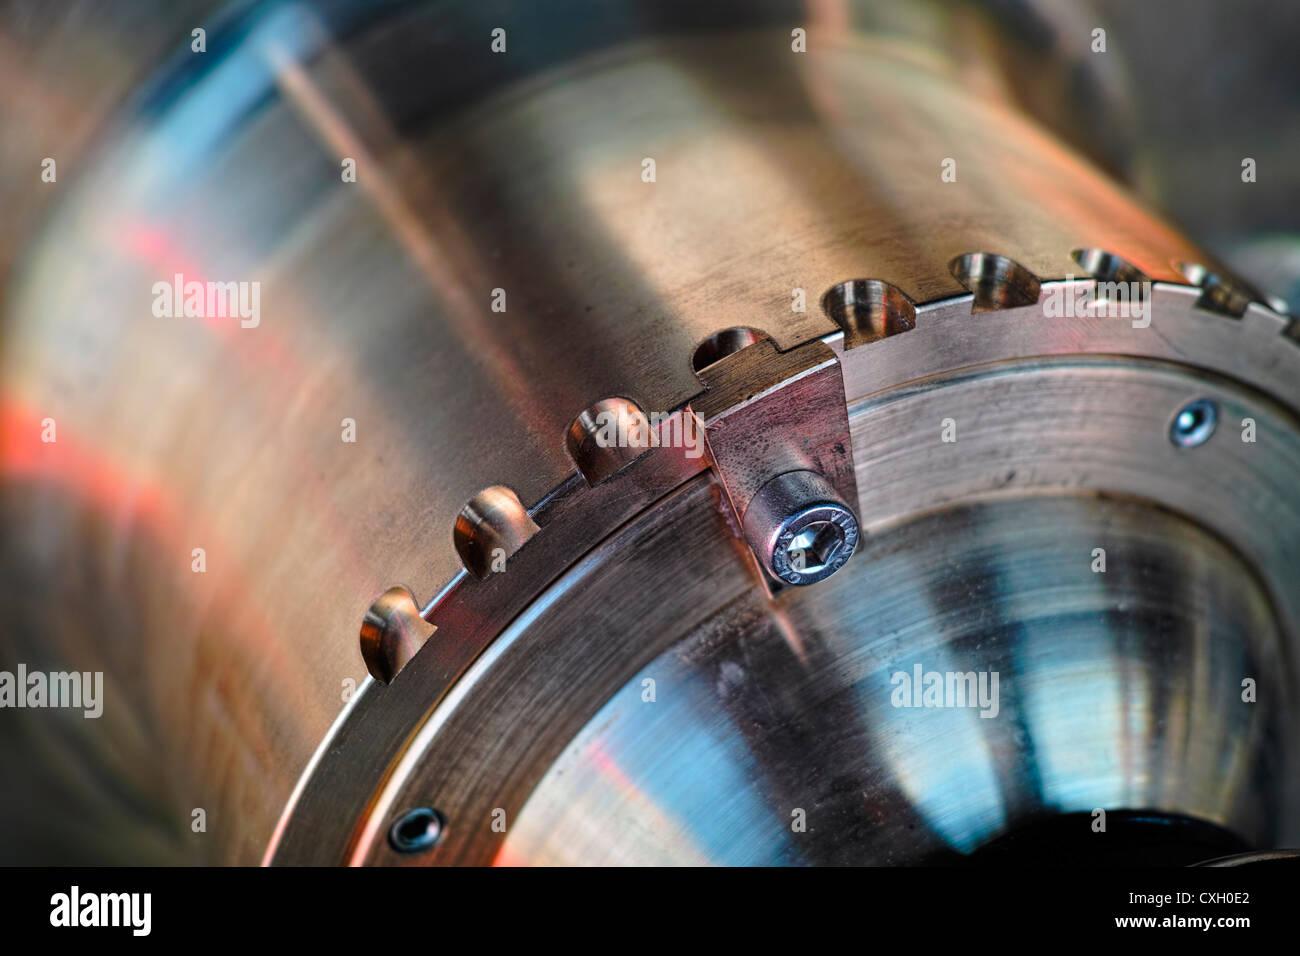 Teil eines marine-Motor-Gehäuses, Makro Stockbild